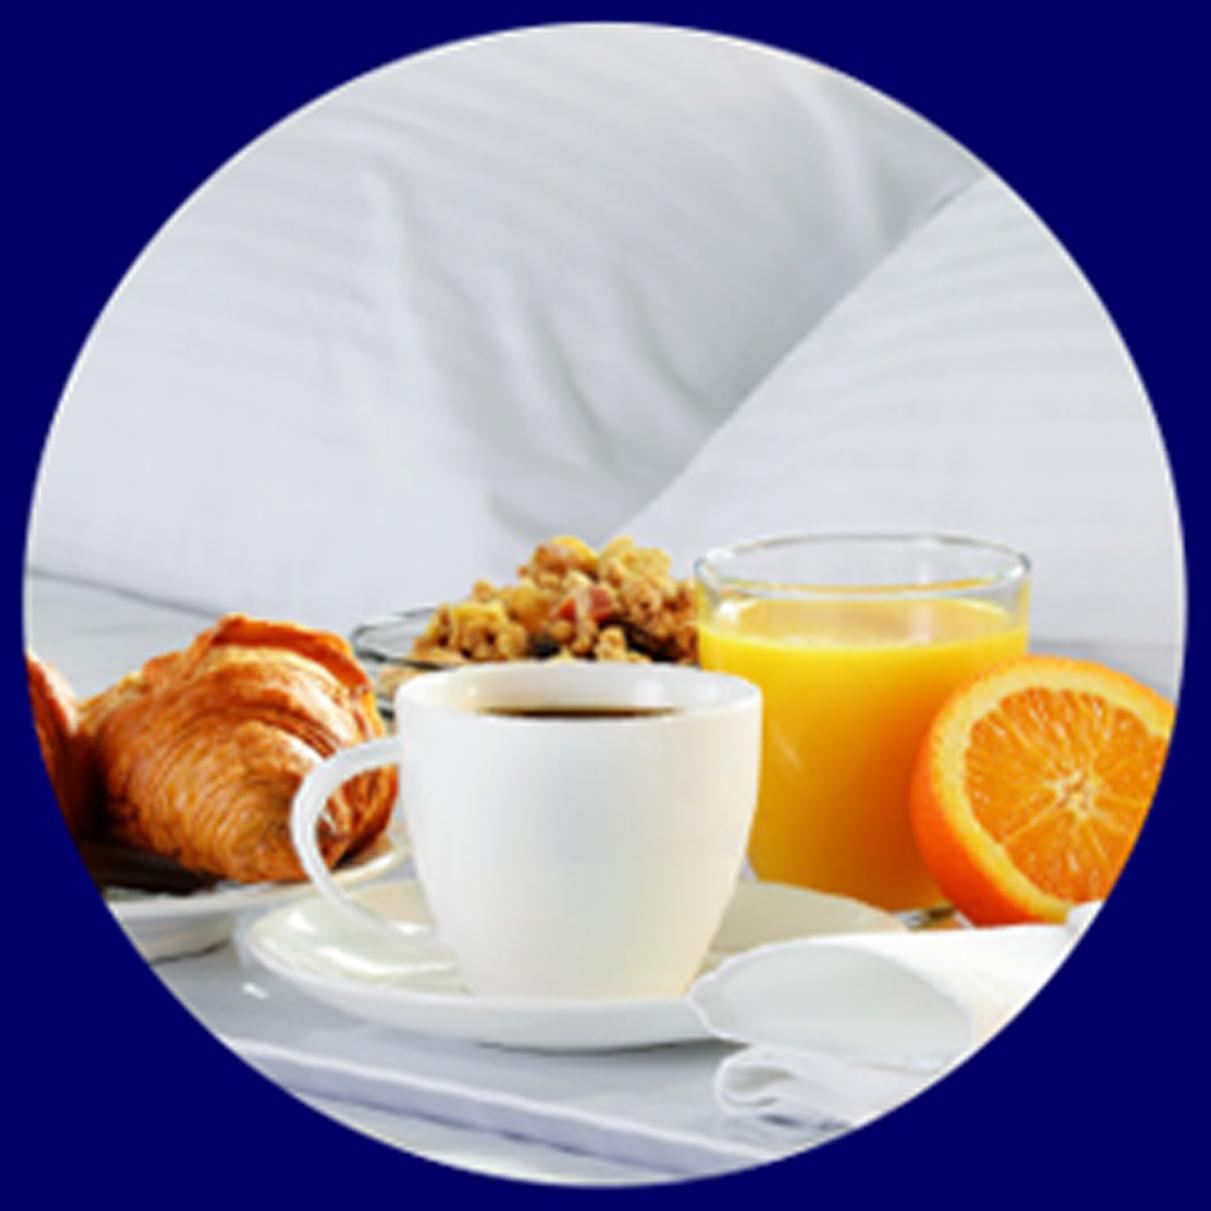 """השהייה במלון על בסיס פנסיון מלא. מגוון גדול של מנות עשירות. האוכל כשר ומותאם למטופלים ע""""י תזונאית"""